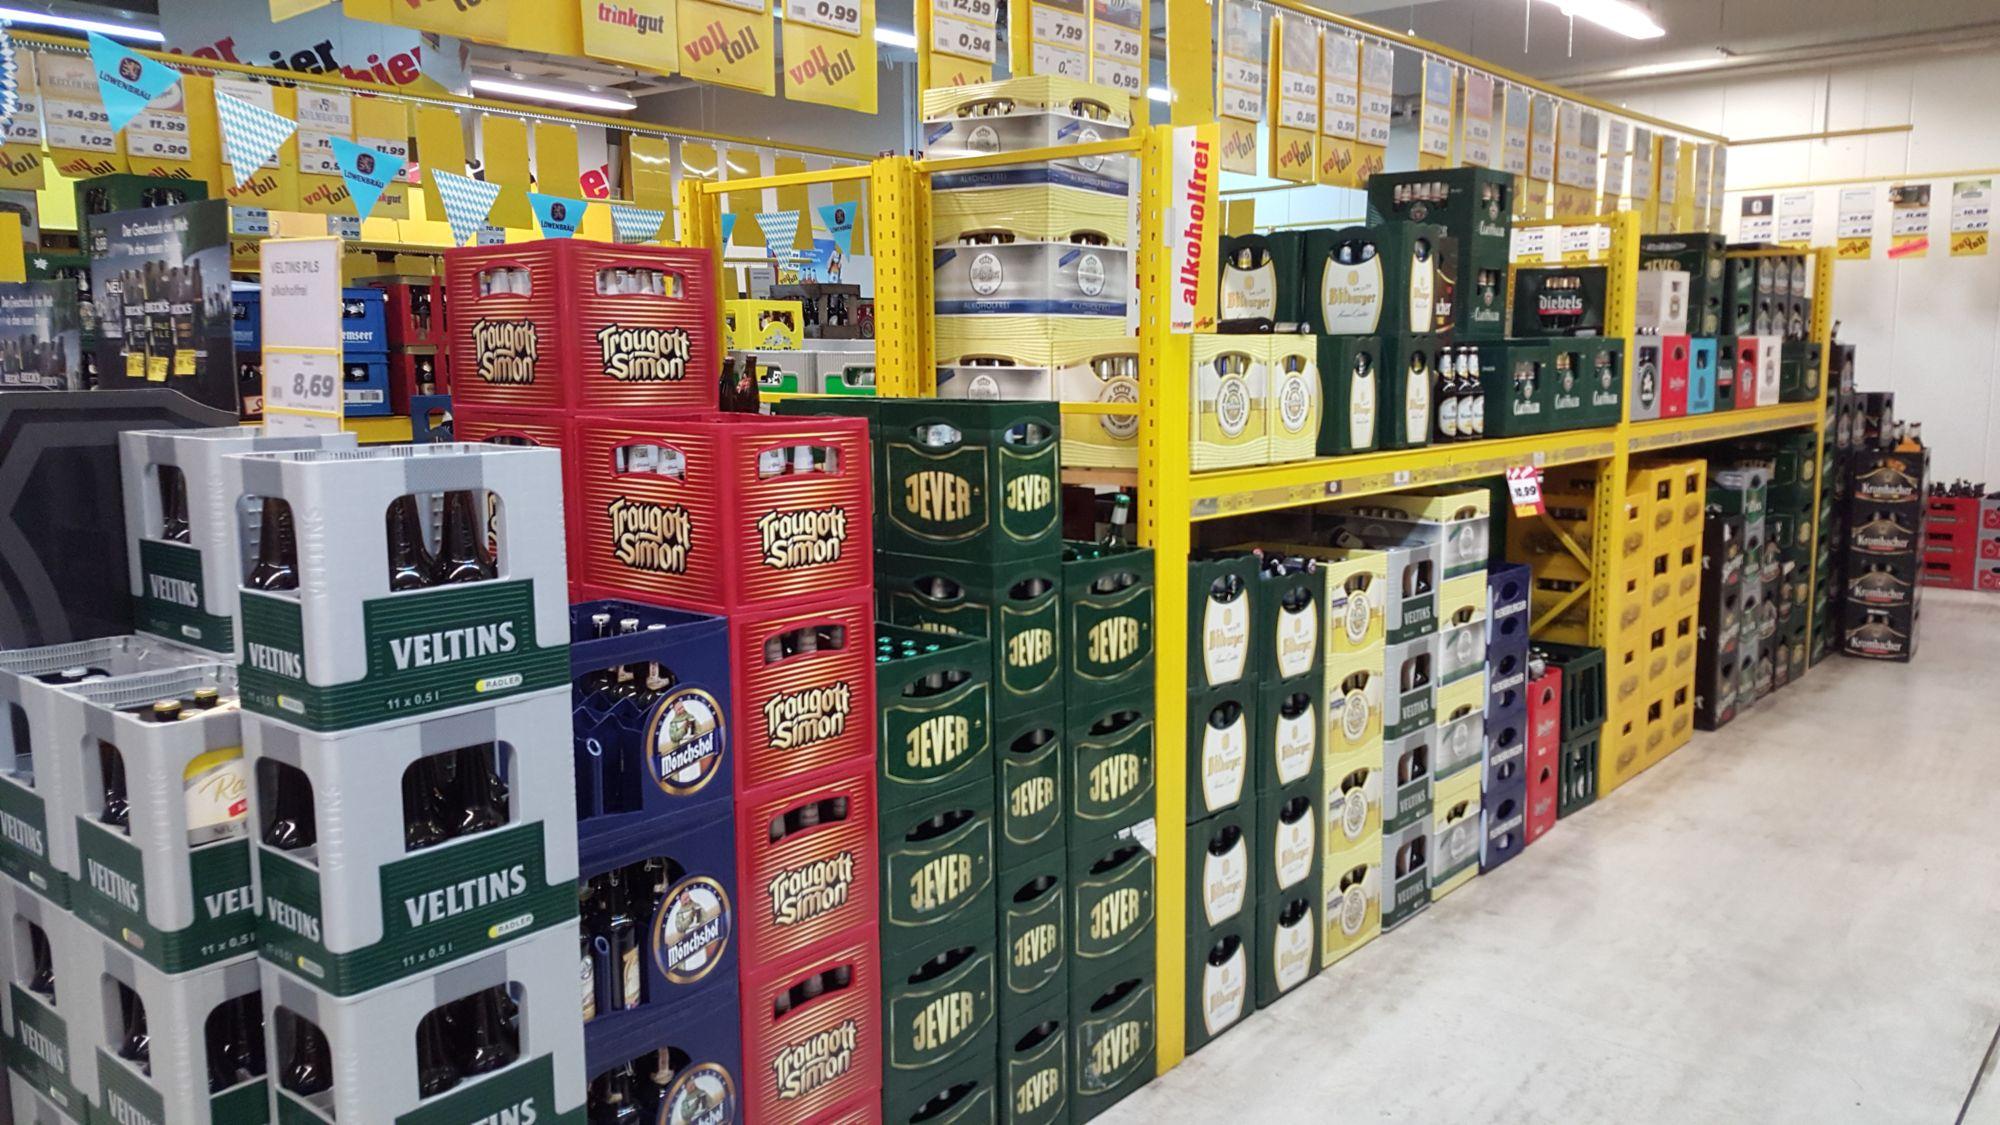 Bilder & Videos - Getränkemarkt trinkgut Hildesheim